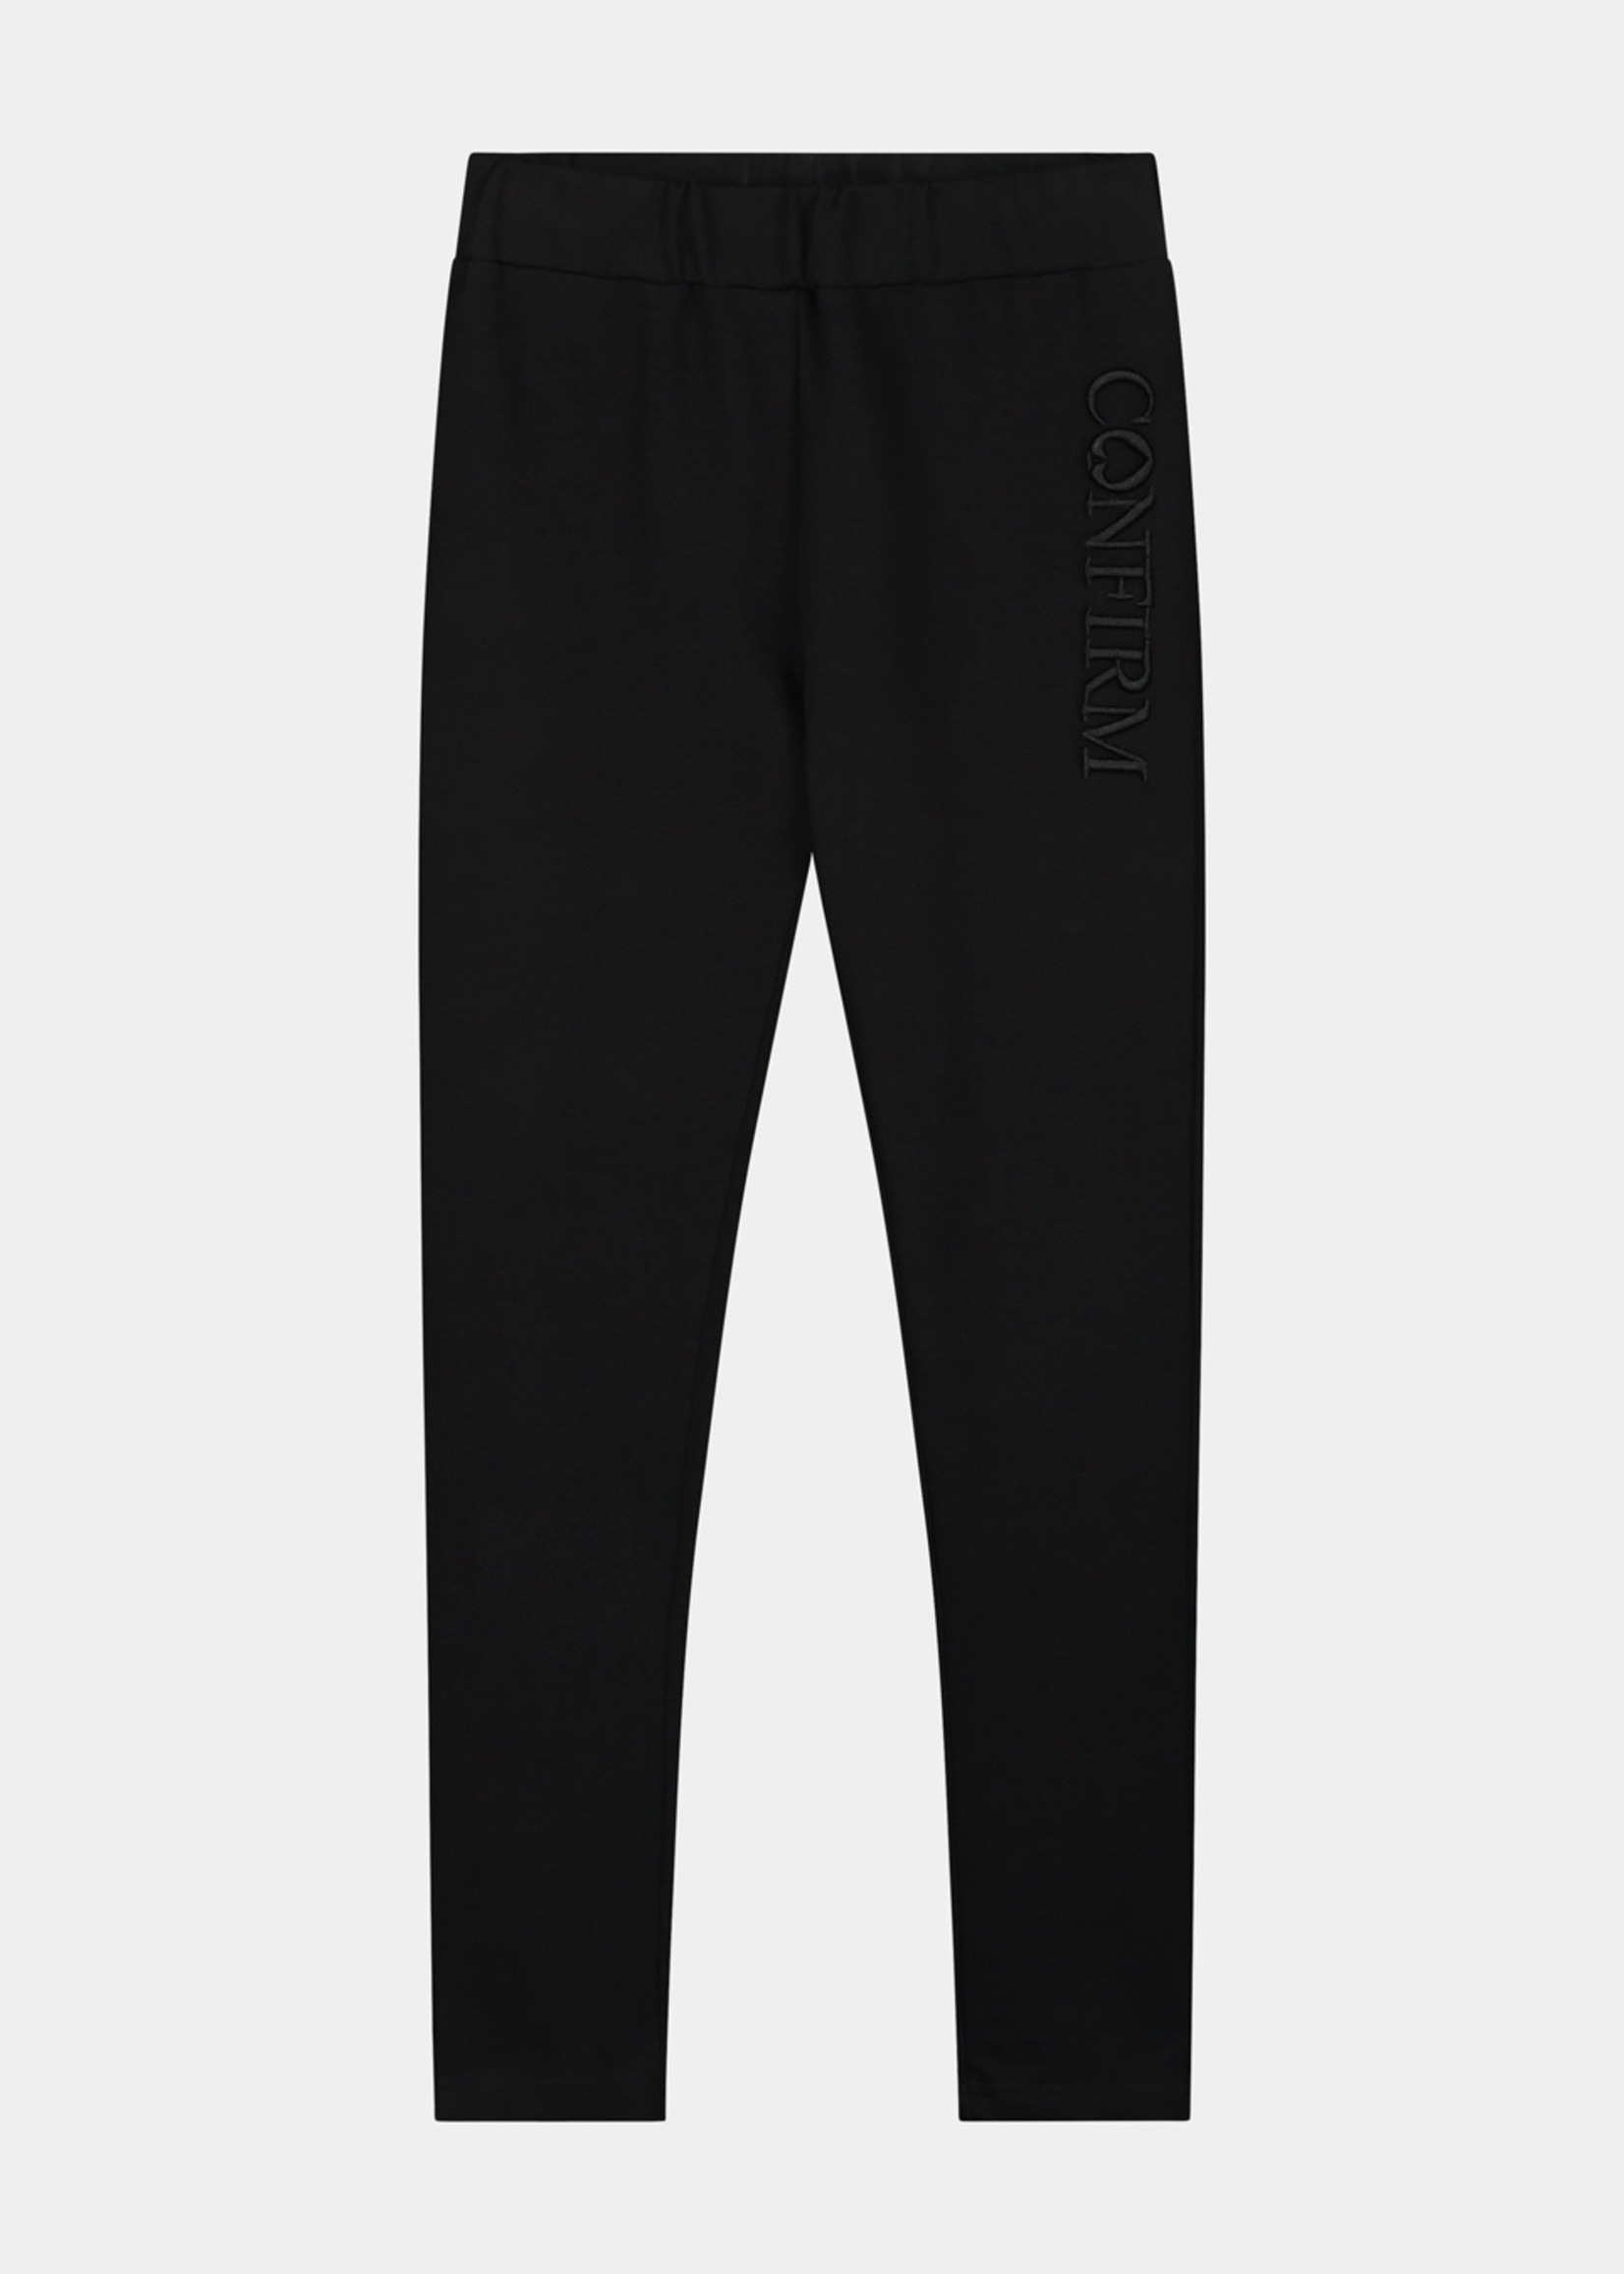 Confirm Caramella legging - black